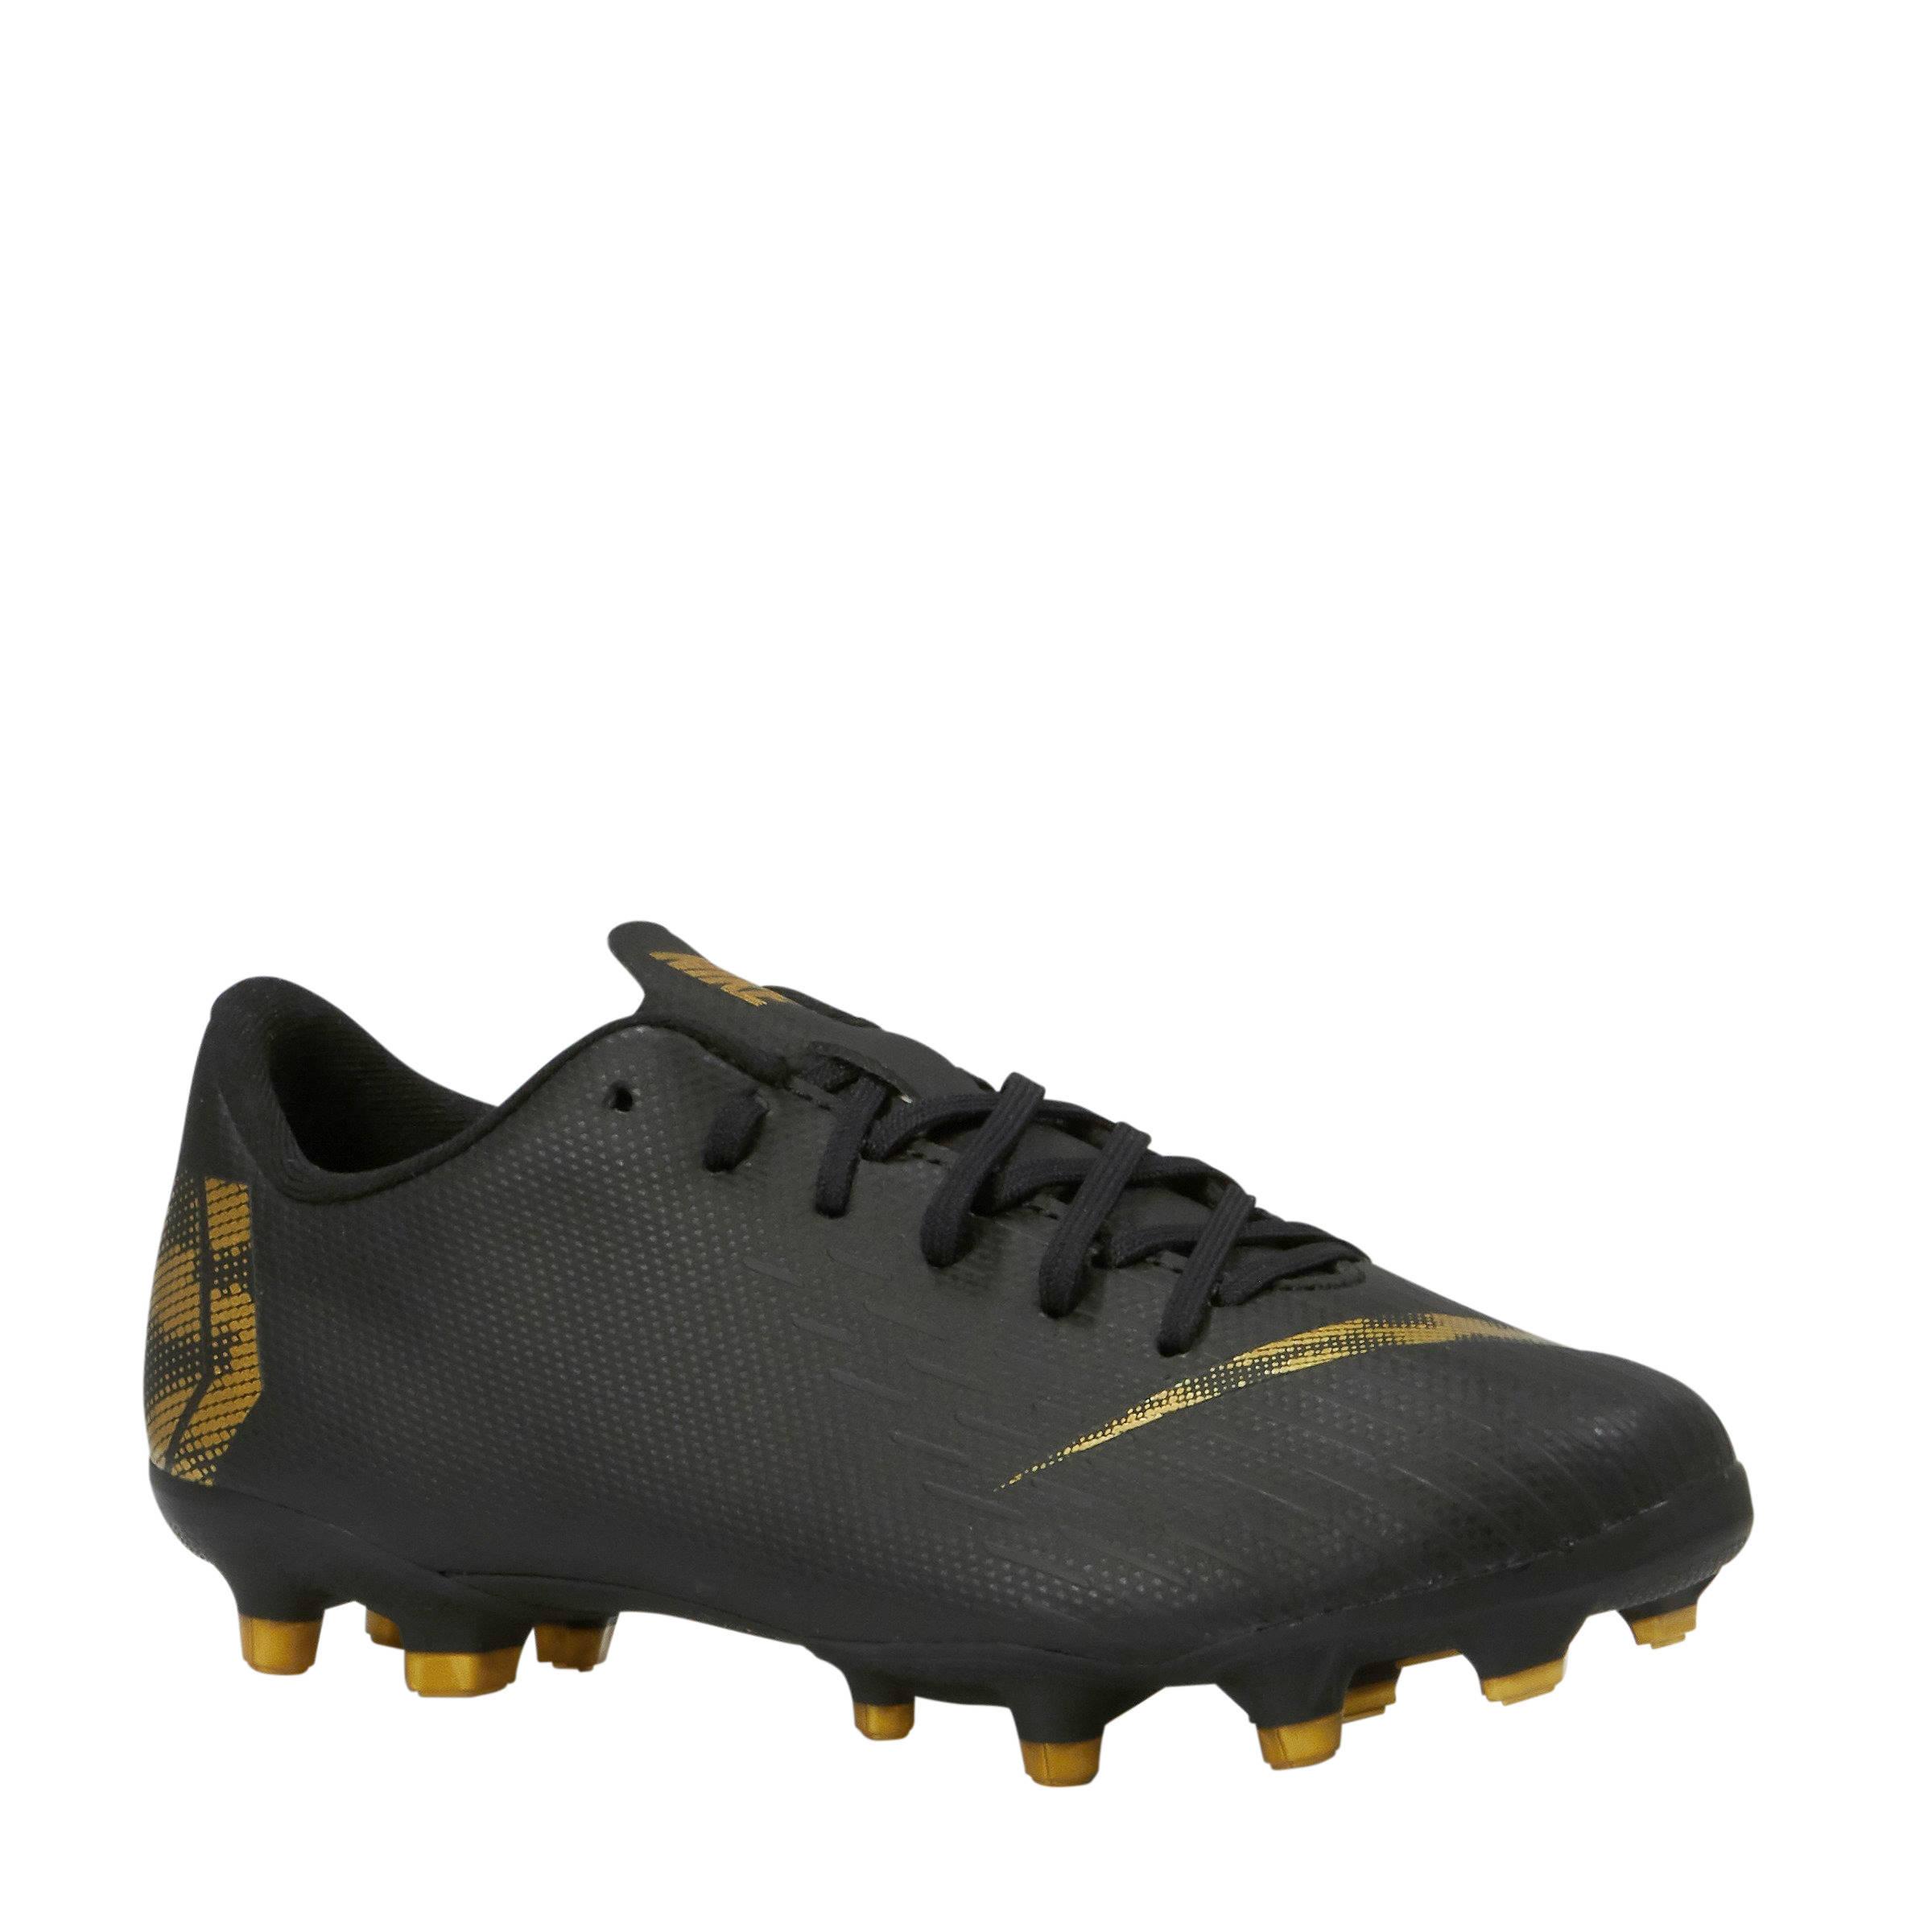 0d20d7c5946 Nike JR Vapor 12 Academy GS FG/MG voetbalschoenen | wehkamp